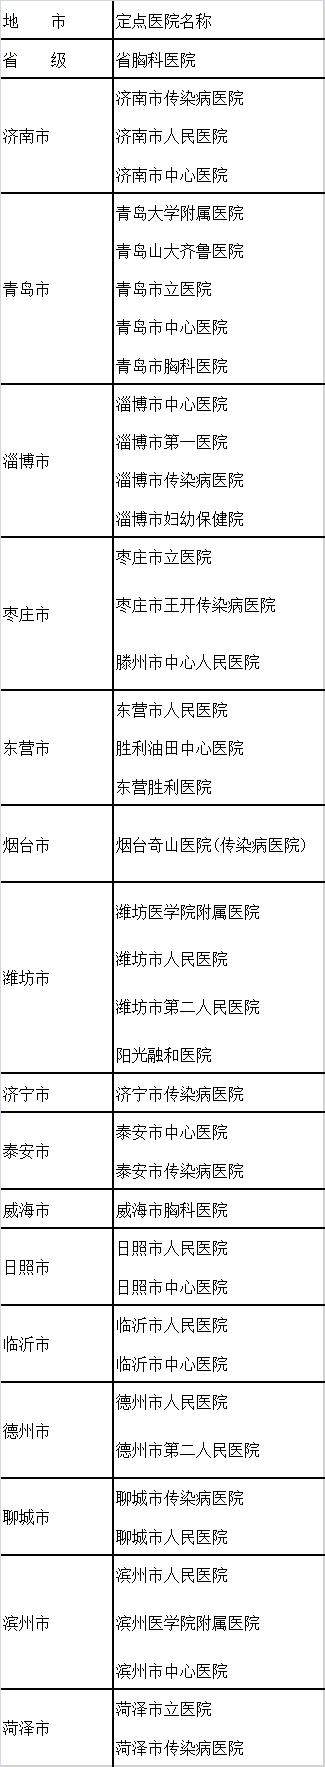 山东省新型冠状病毒感染的肺炎医疗救治首批定点医院名单(省、市两级)